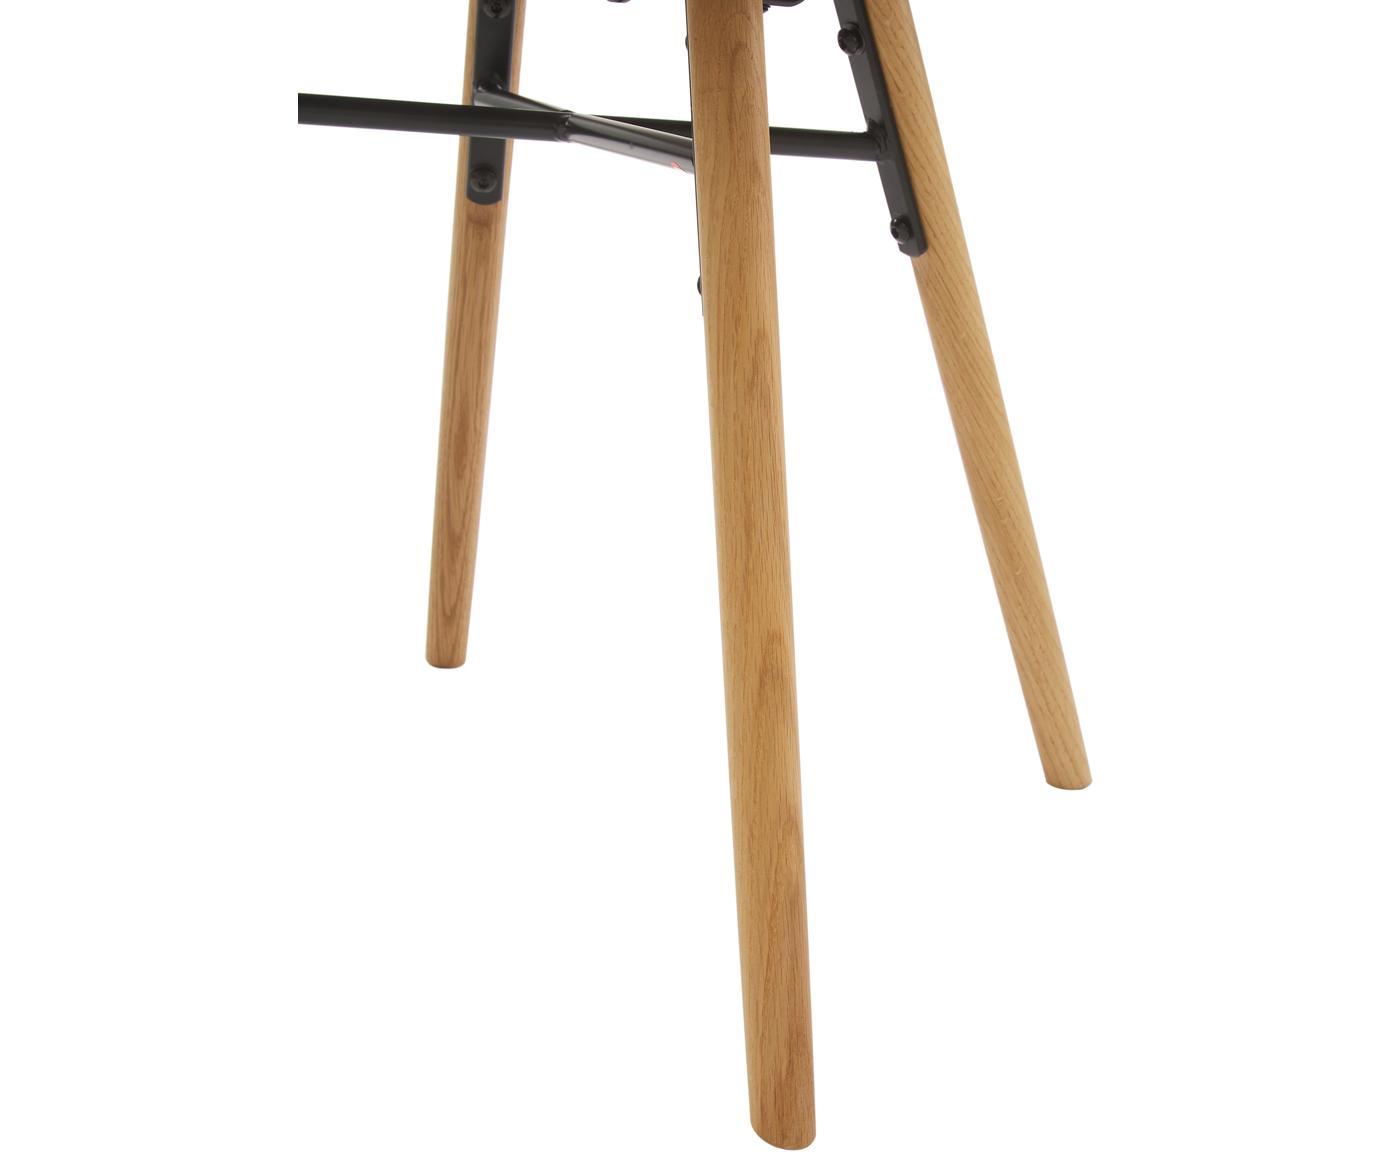 Sedia imbottita con gambe in legno Fiji, Rivestimento: poliestere 40.000 cicli d, Gambe: legno di quercia massicci, Seduta: grigio scuro Gambe: legno di quercia, Larg. 59 x Prof. 55 cm